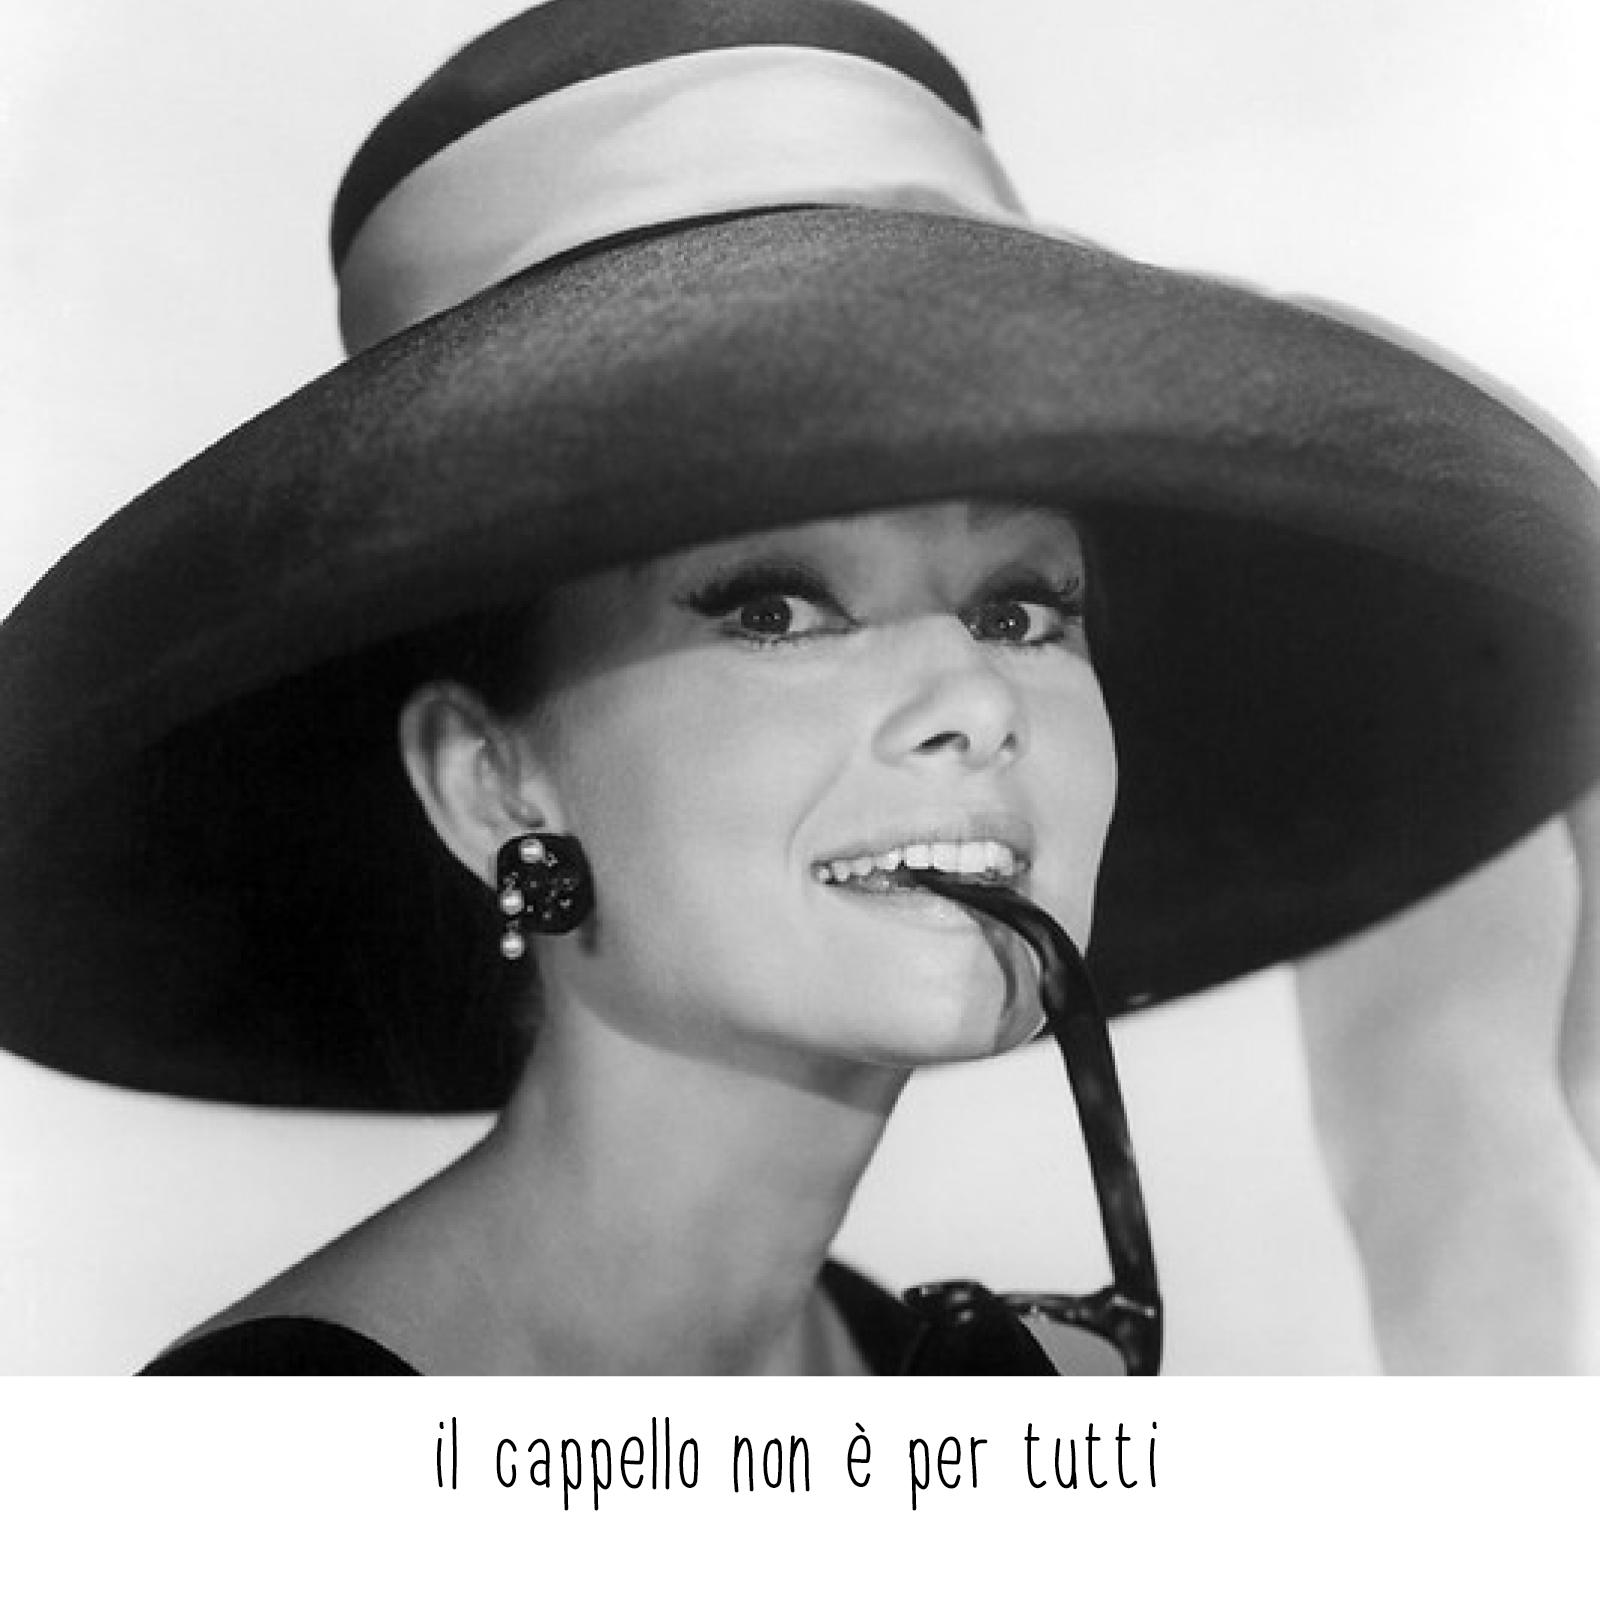 il cappello non è per tutti